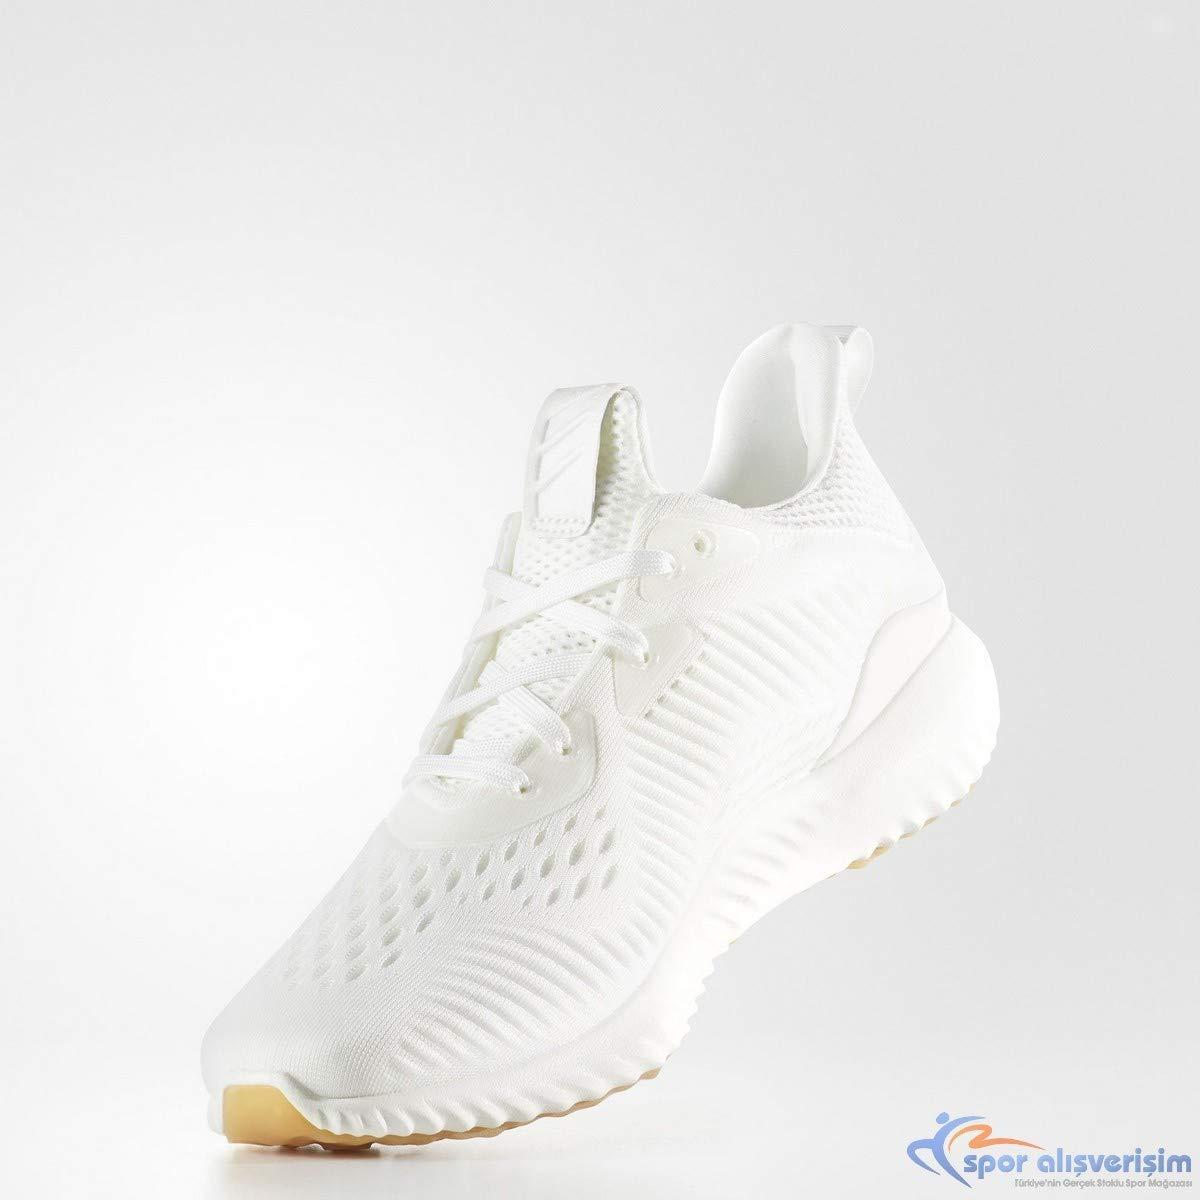 8b8246016b0a1 Adidas Women s Alphabounce EM Undye W